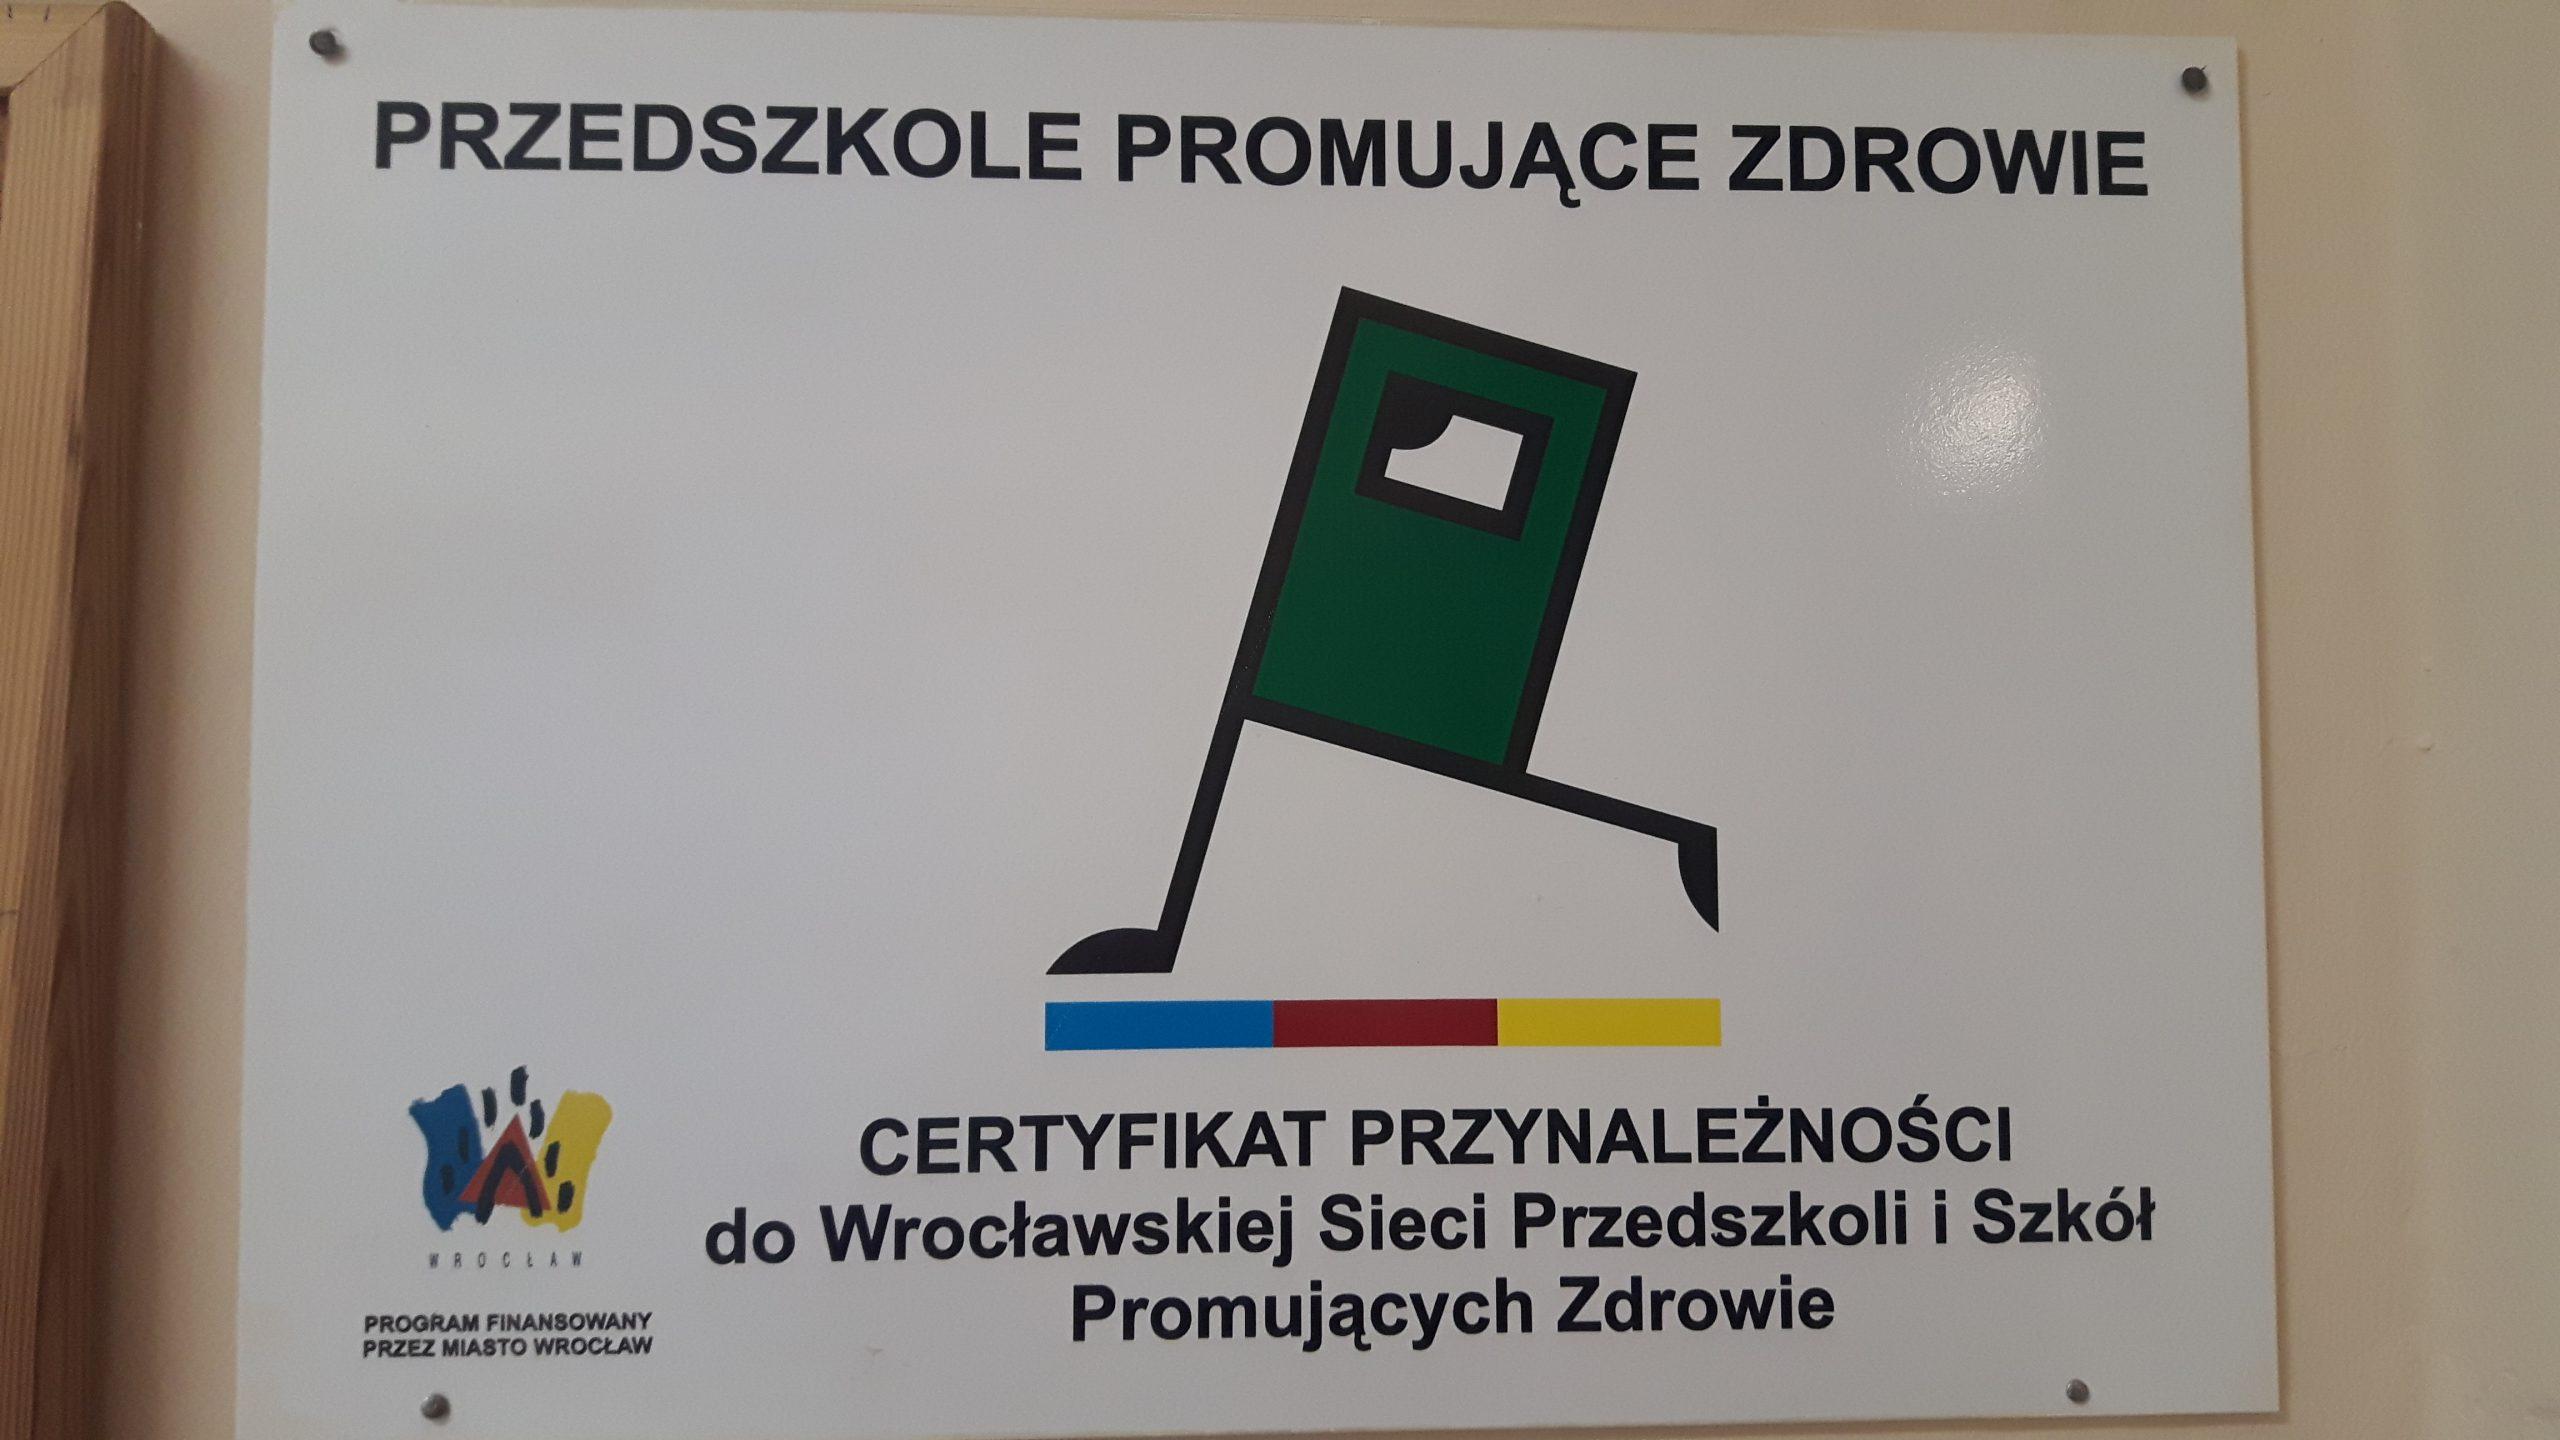 Certyfikat przynależności